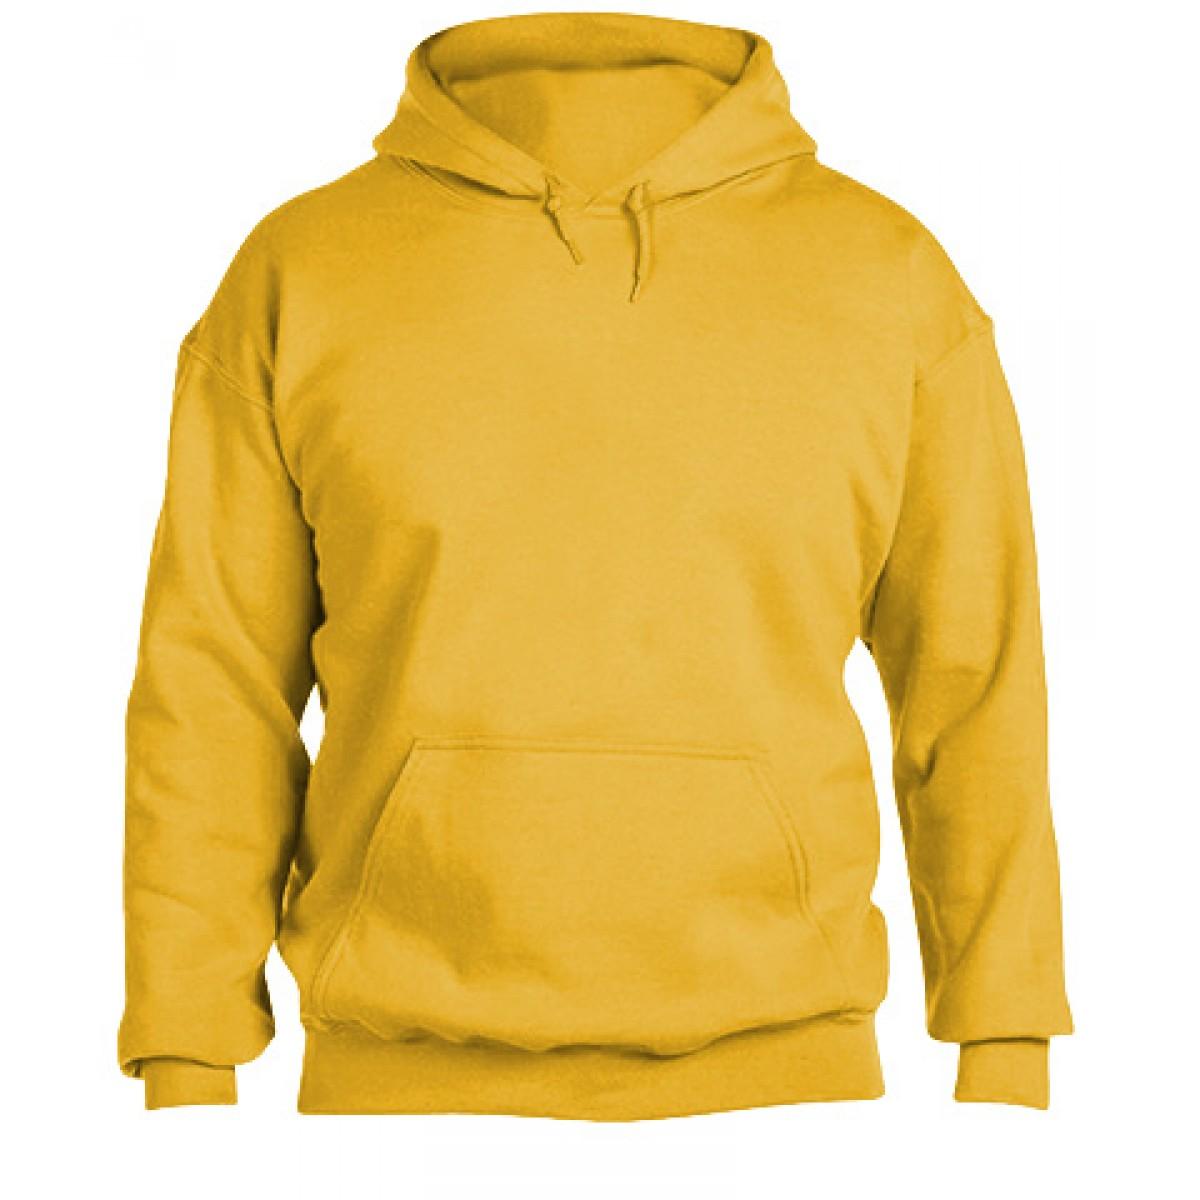 Hooded Sweatshirt 50/50 Heavy Blend -Gold-S